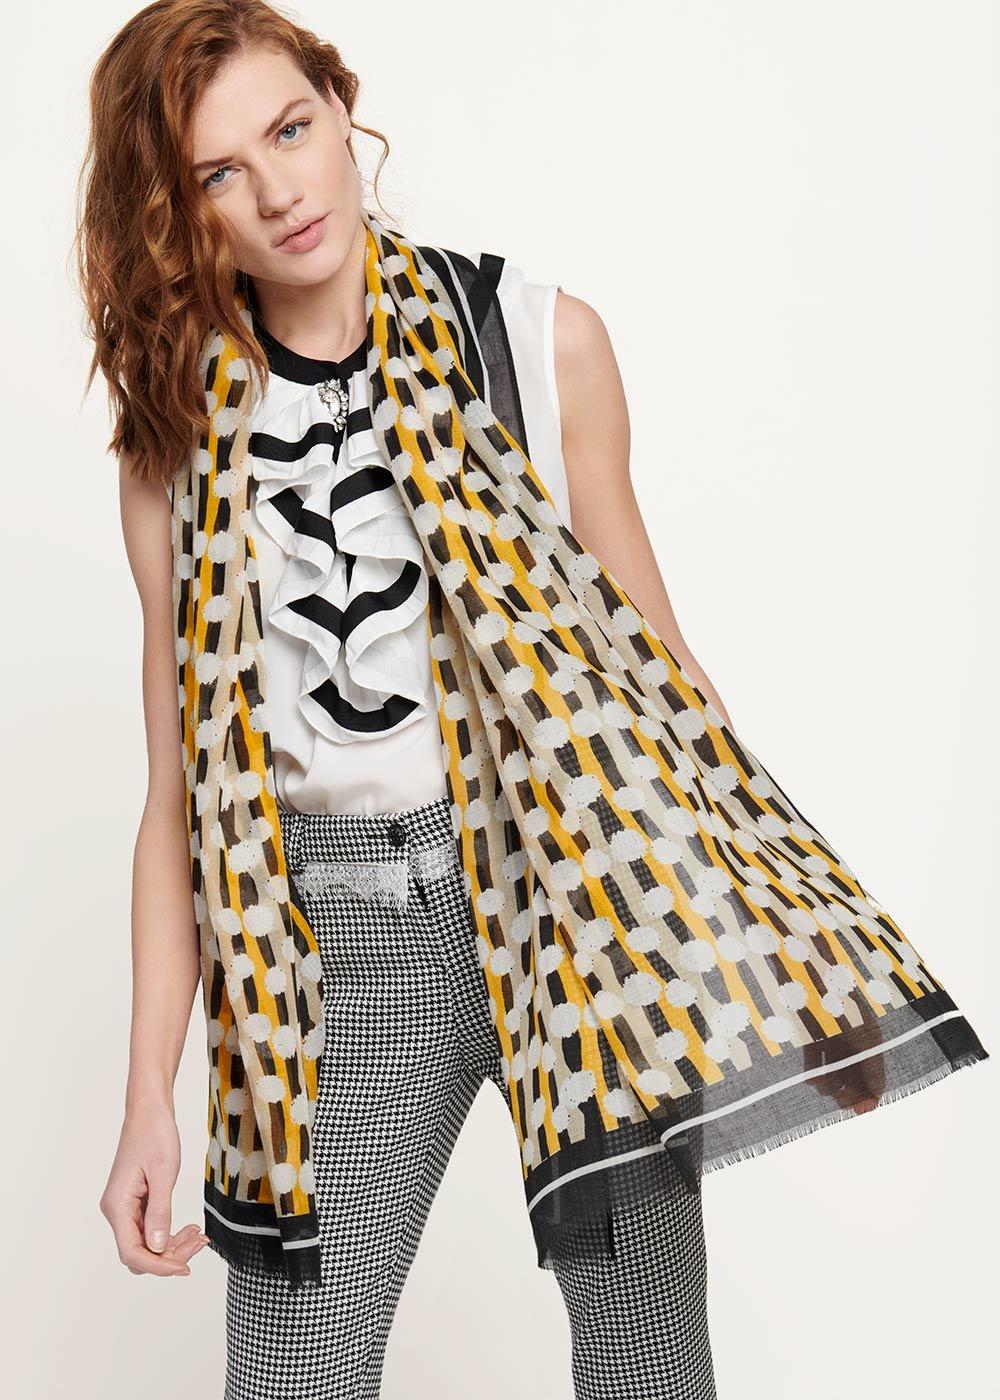 Sven scarf with geometric print - Black / White Fantasia - Woman